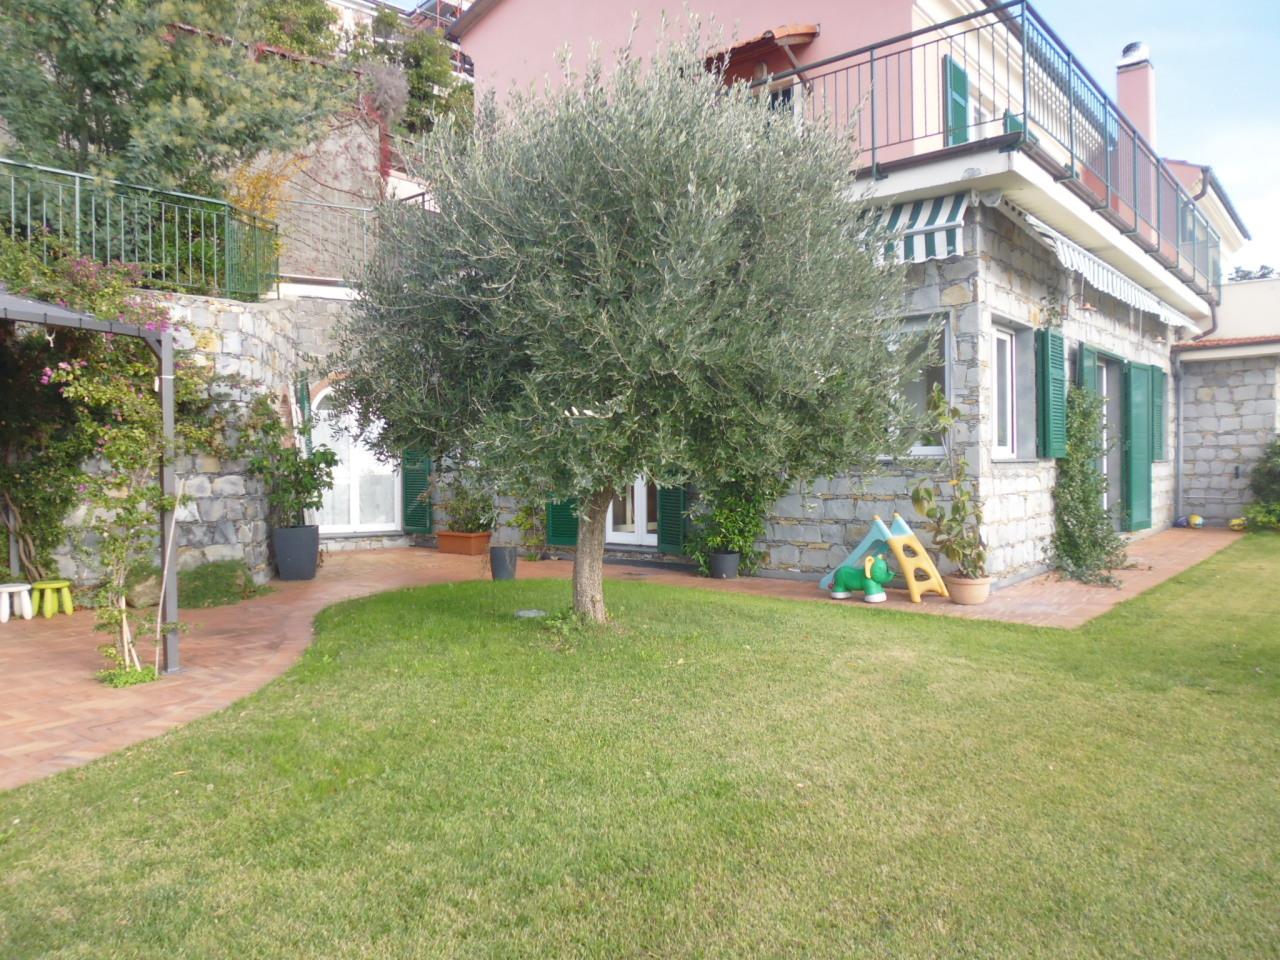 Appartamento in vendita a Casarza Ligure, 6 locali, Trattative riservate   CambioCasa.it